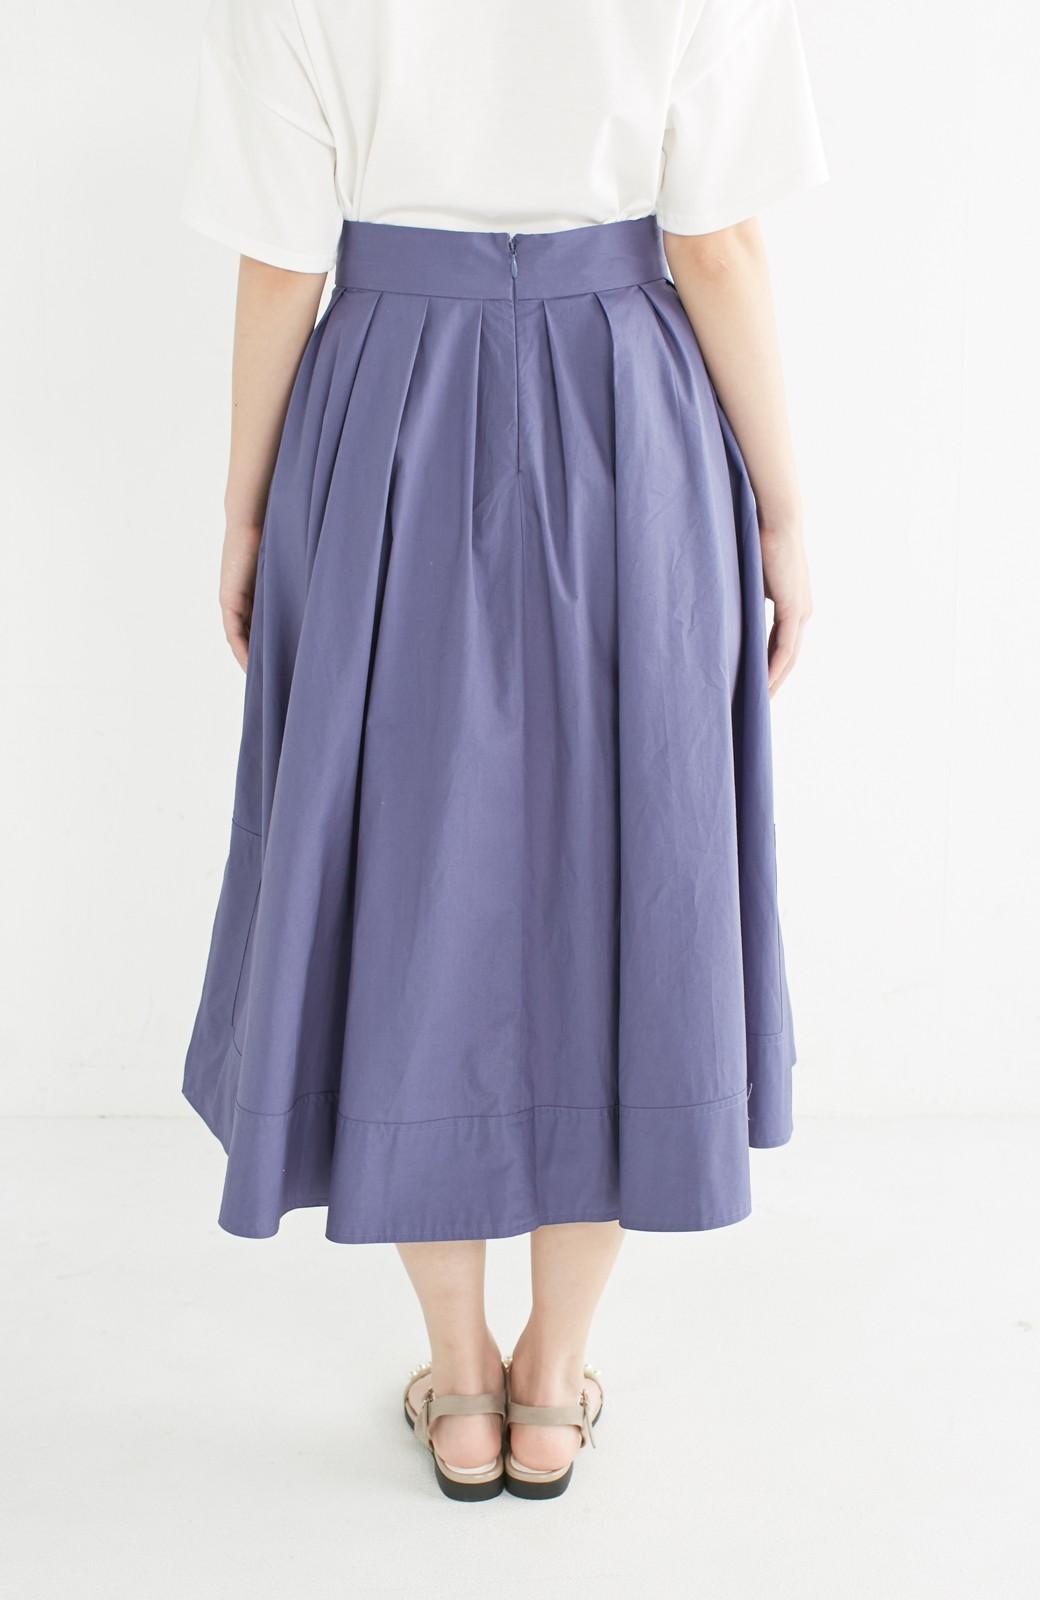 エムトロワ きれい色のイレギュラーヘムスカート <ブルー>の商品写真6